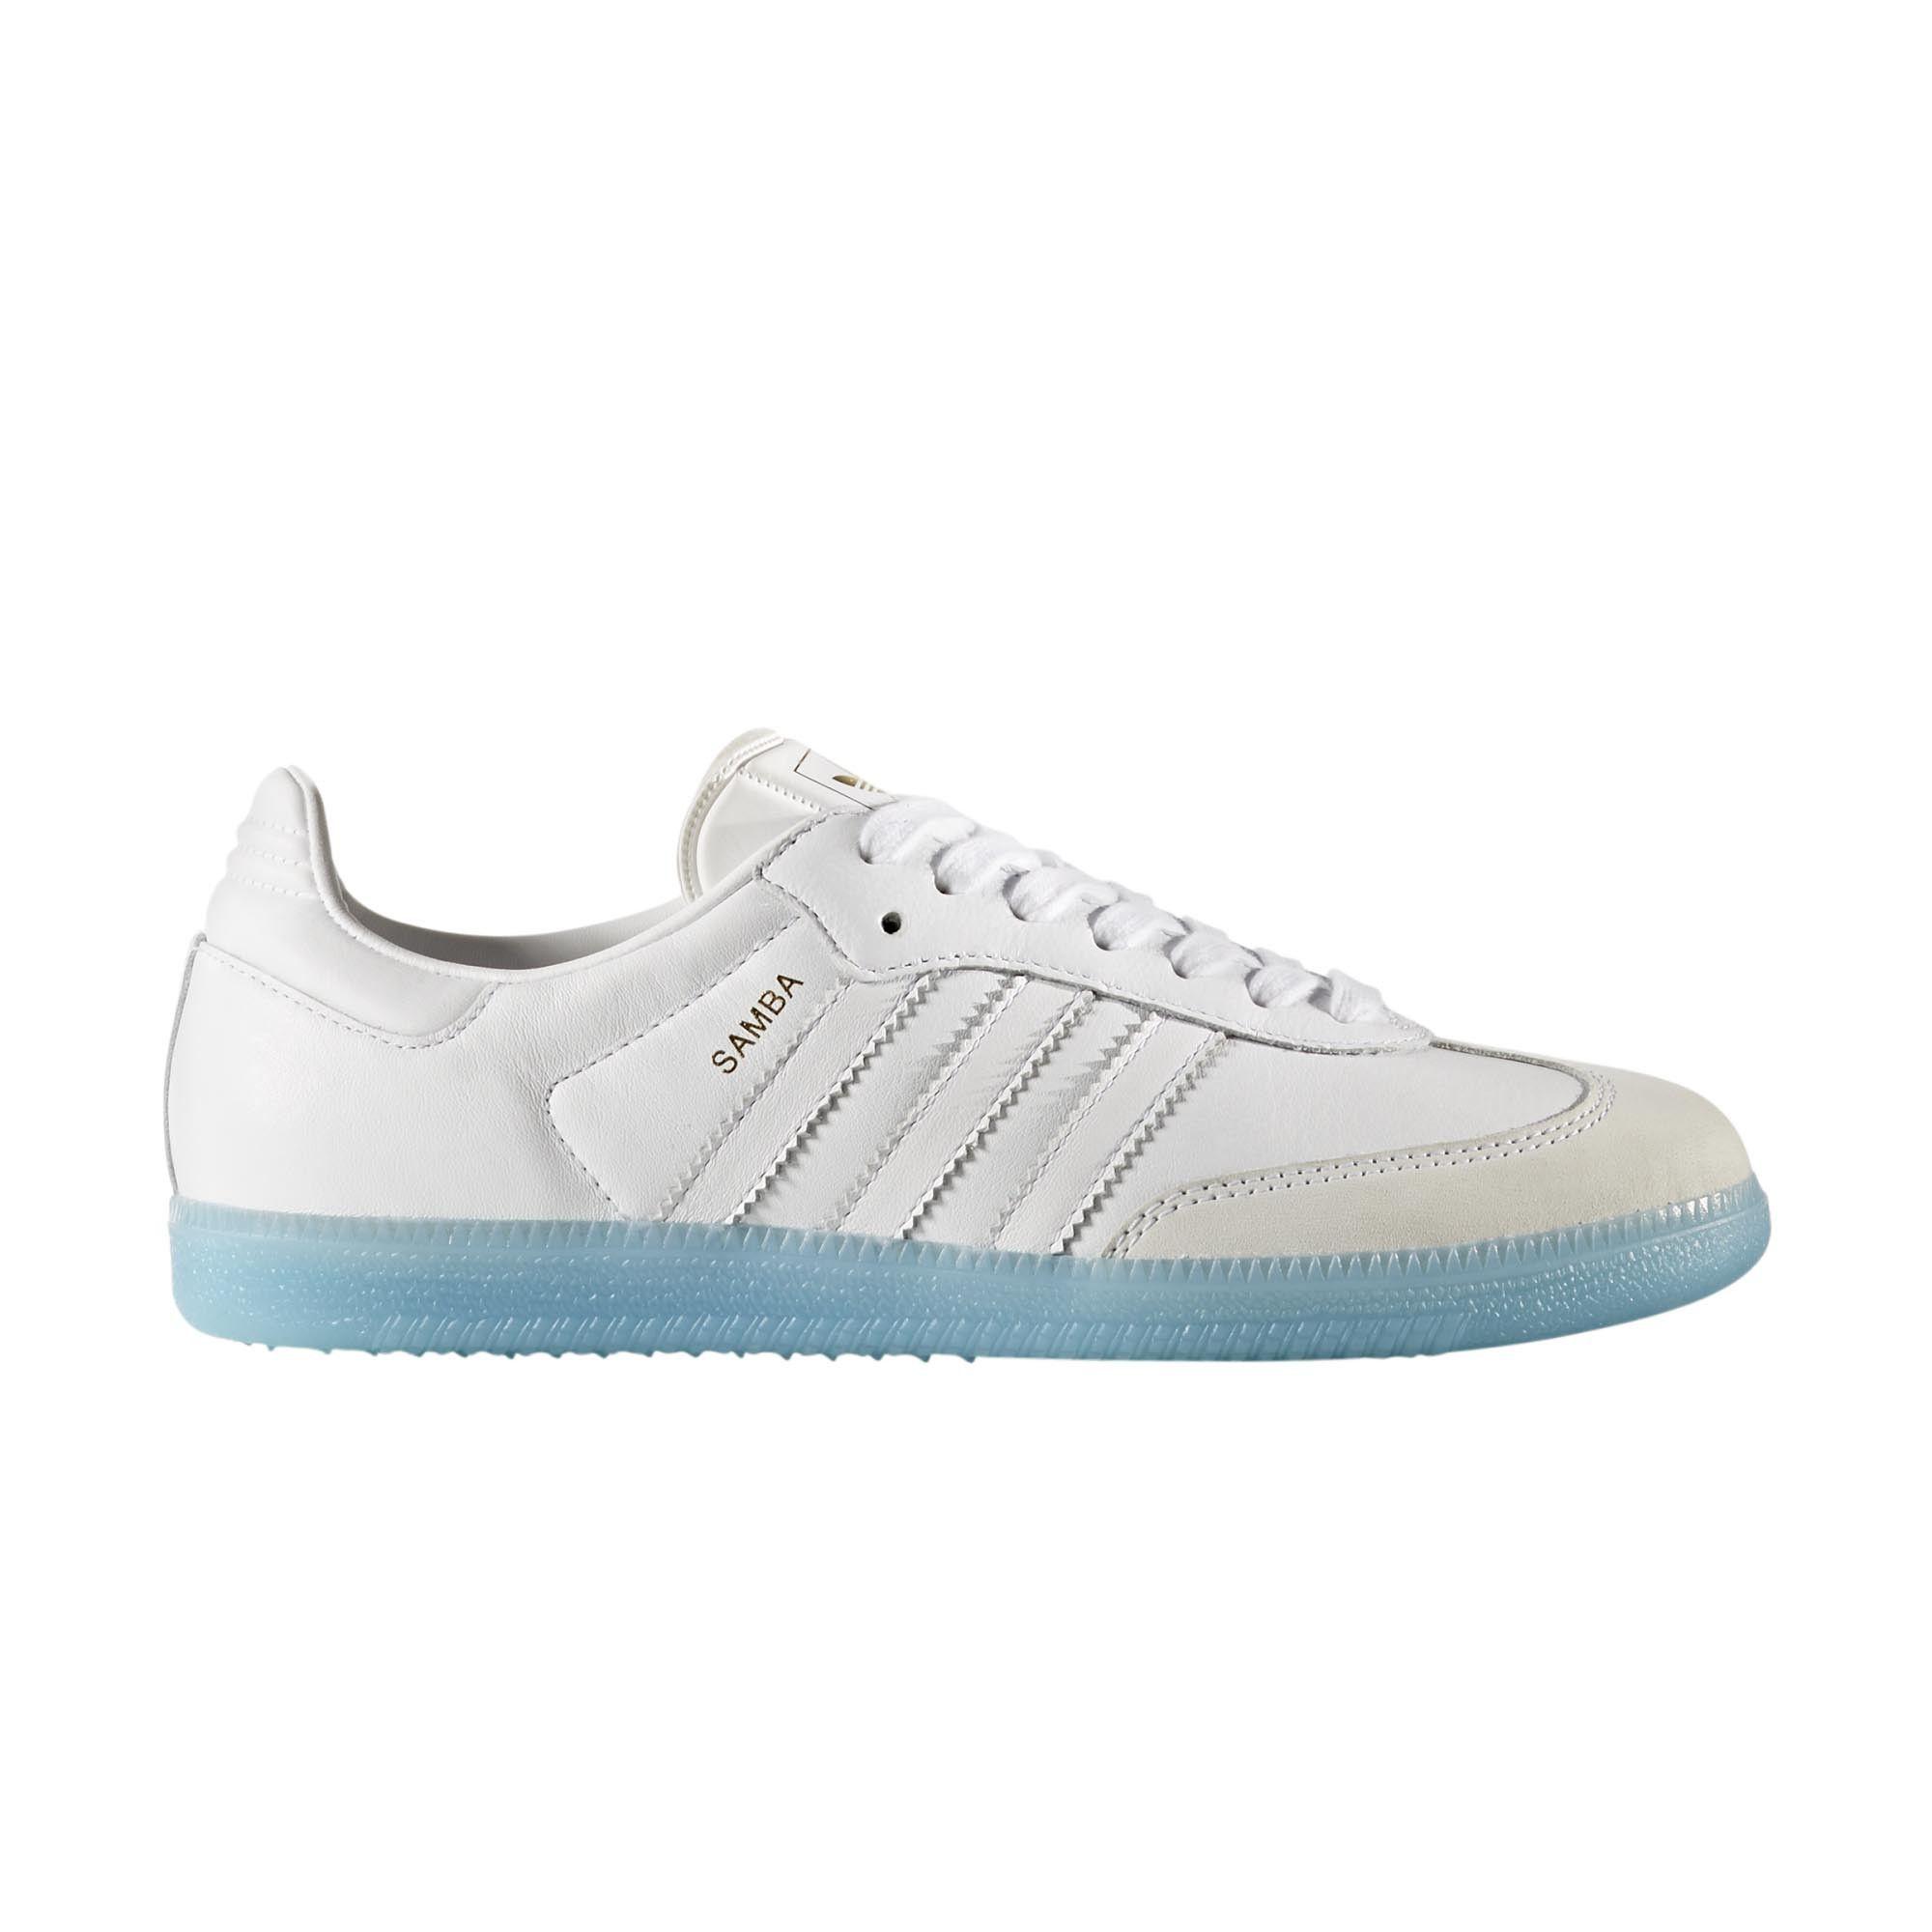 Buty damskie adidas SAMBA W (BY2966) 36 23 7081360636